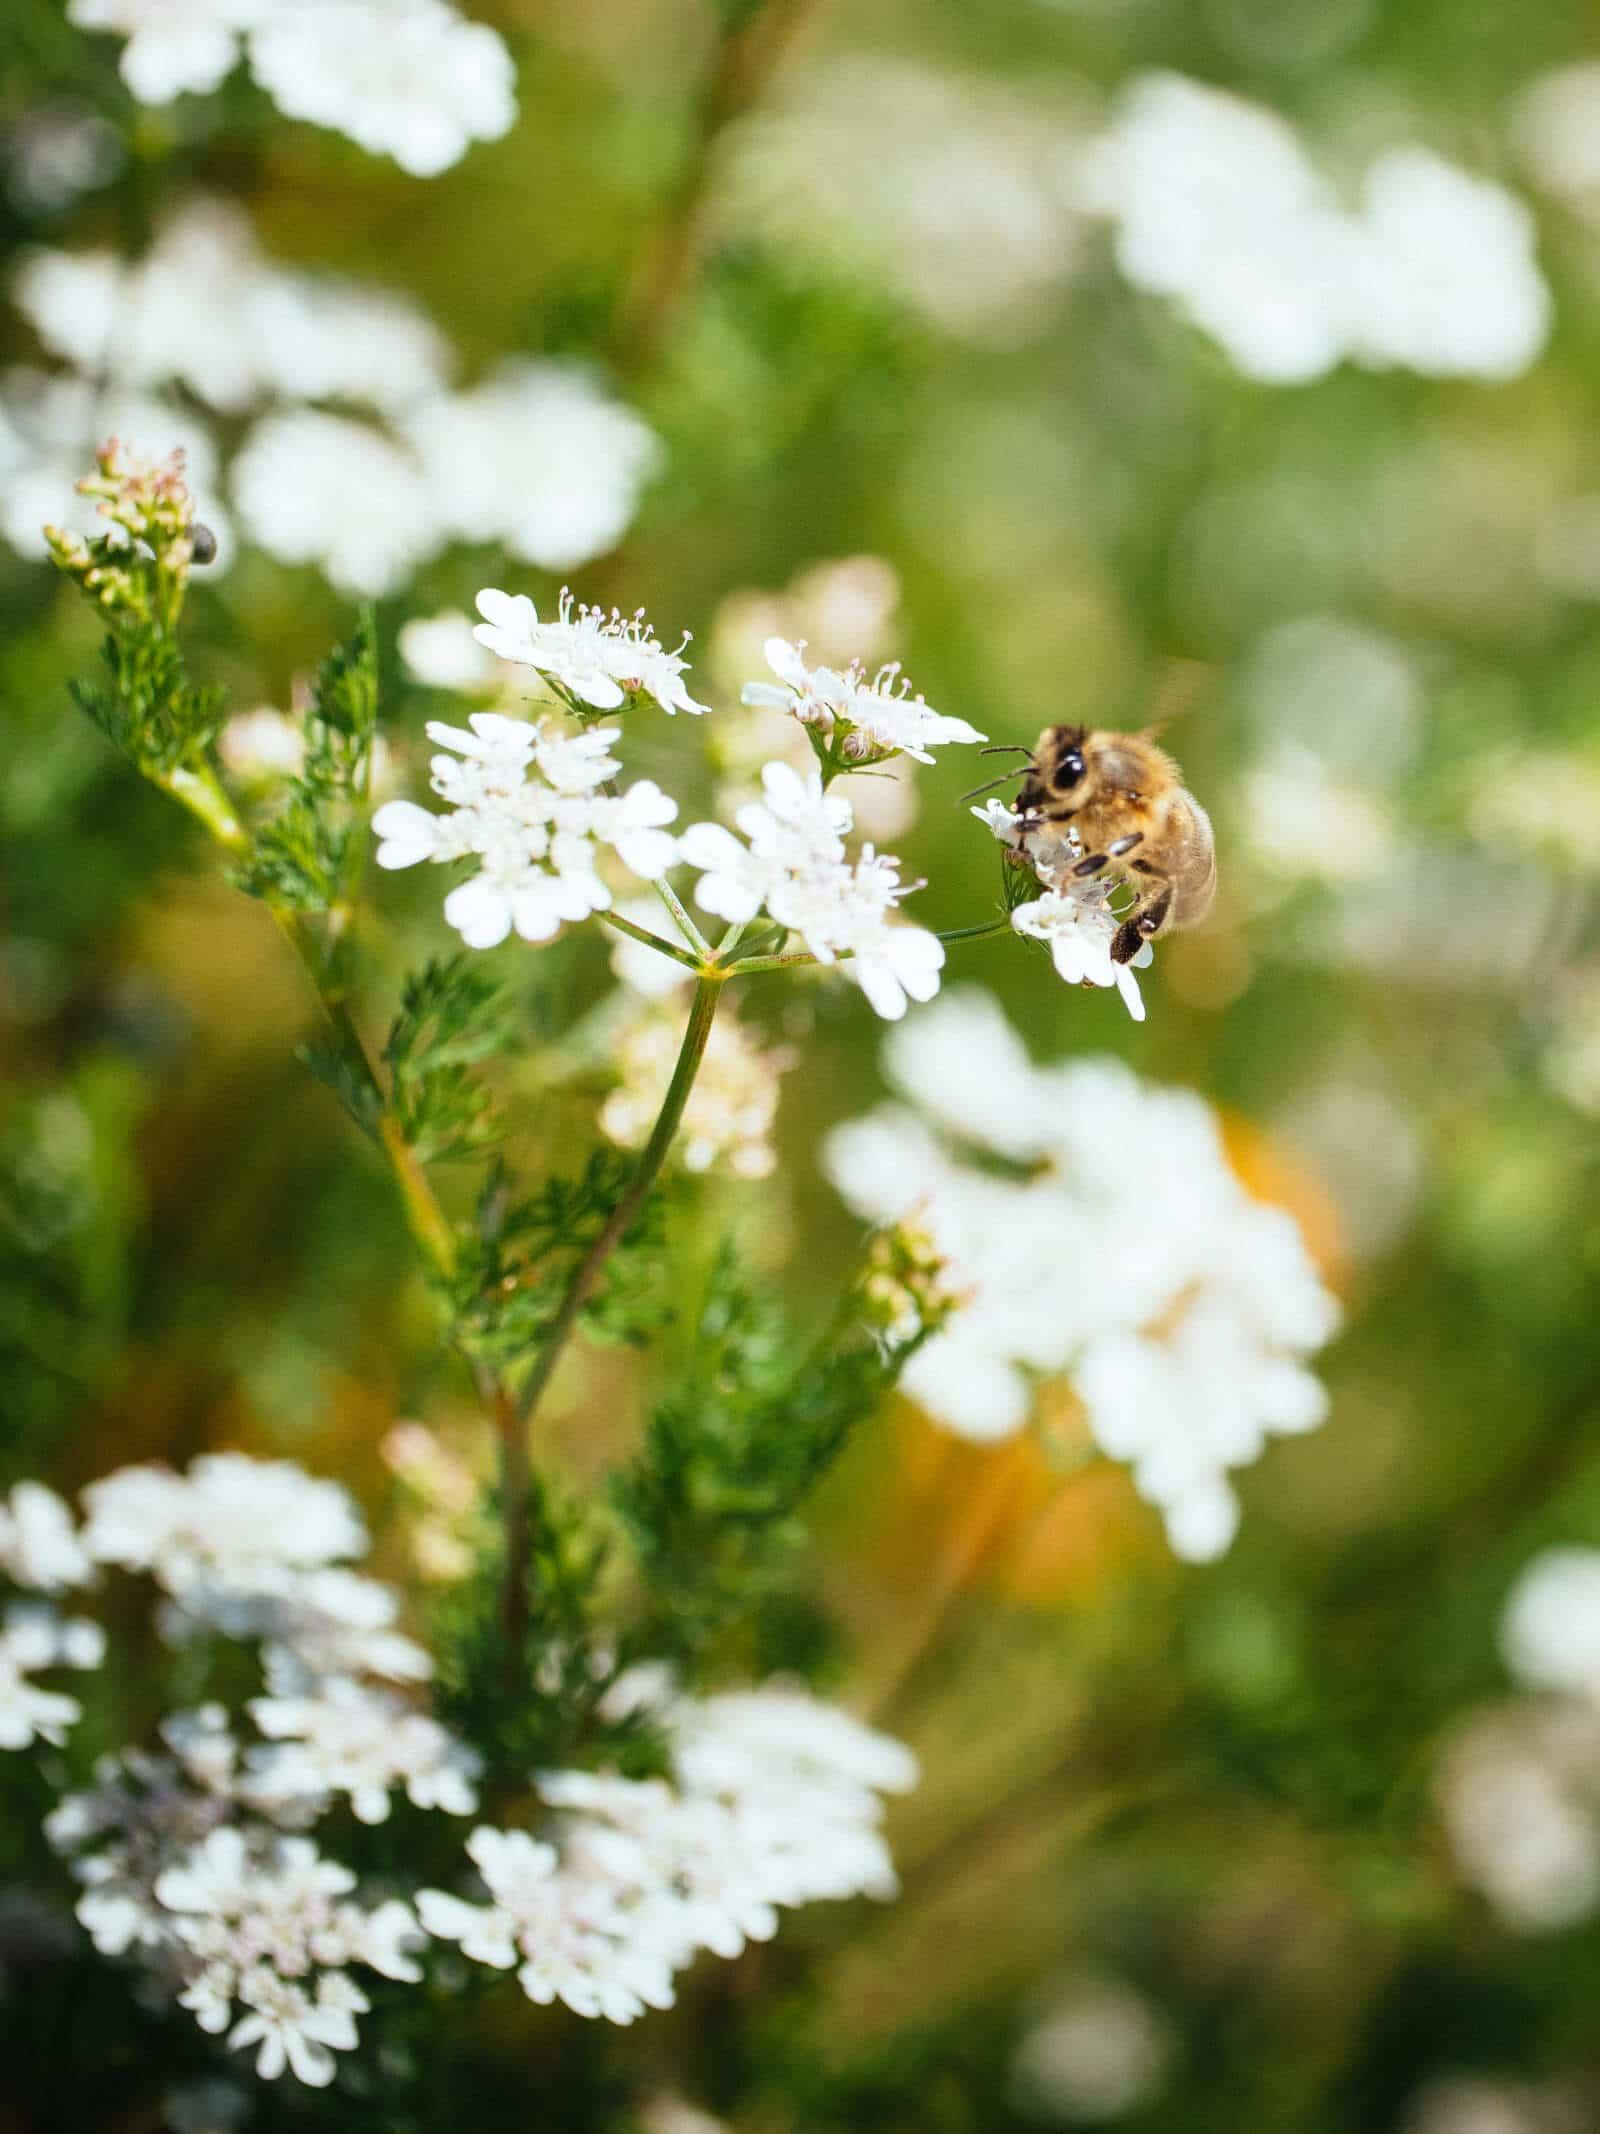 Bee on flowering cilantro